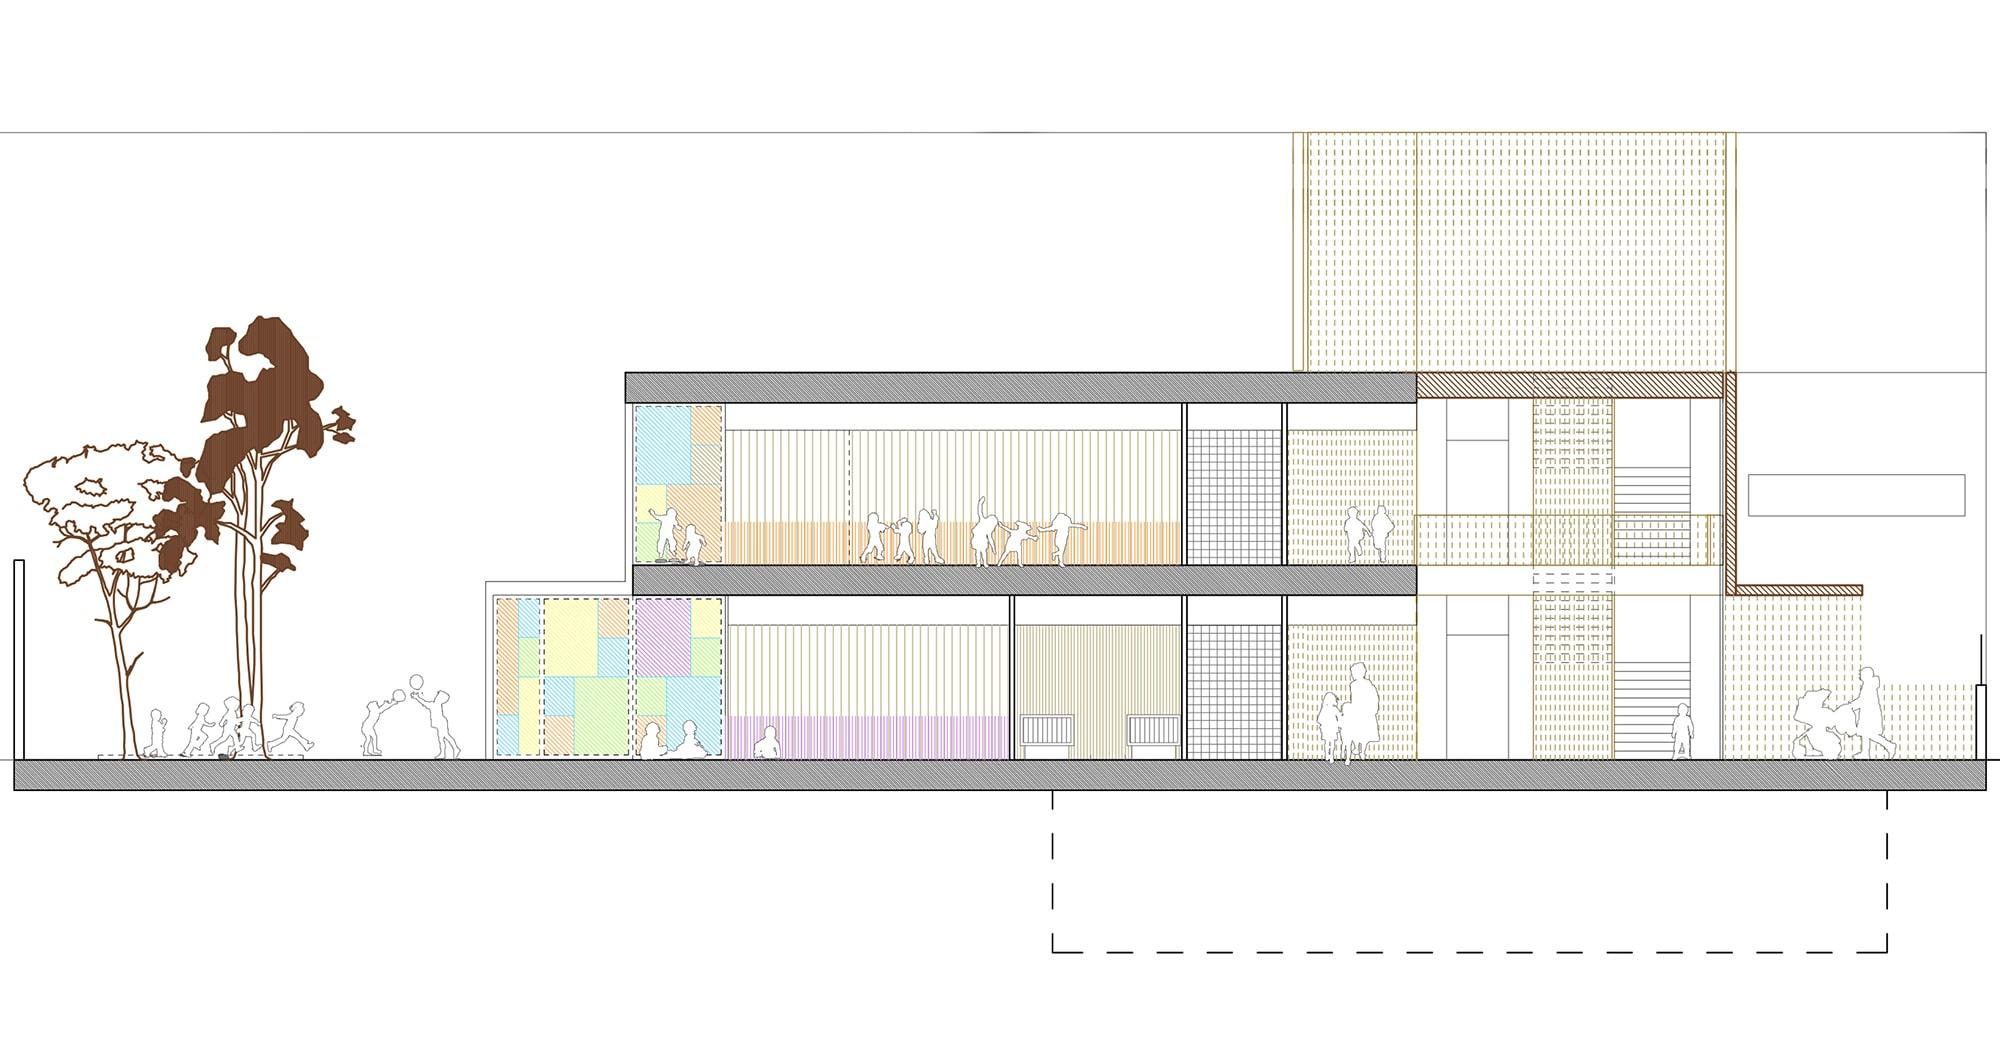 Rehabilitació i ampliació de l'escola bressol municipal